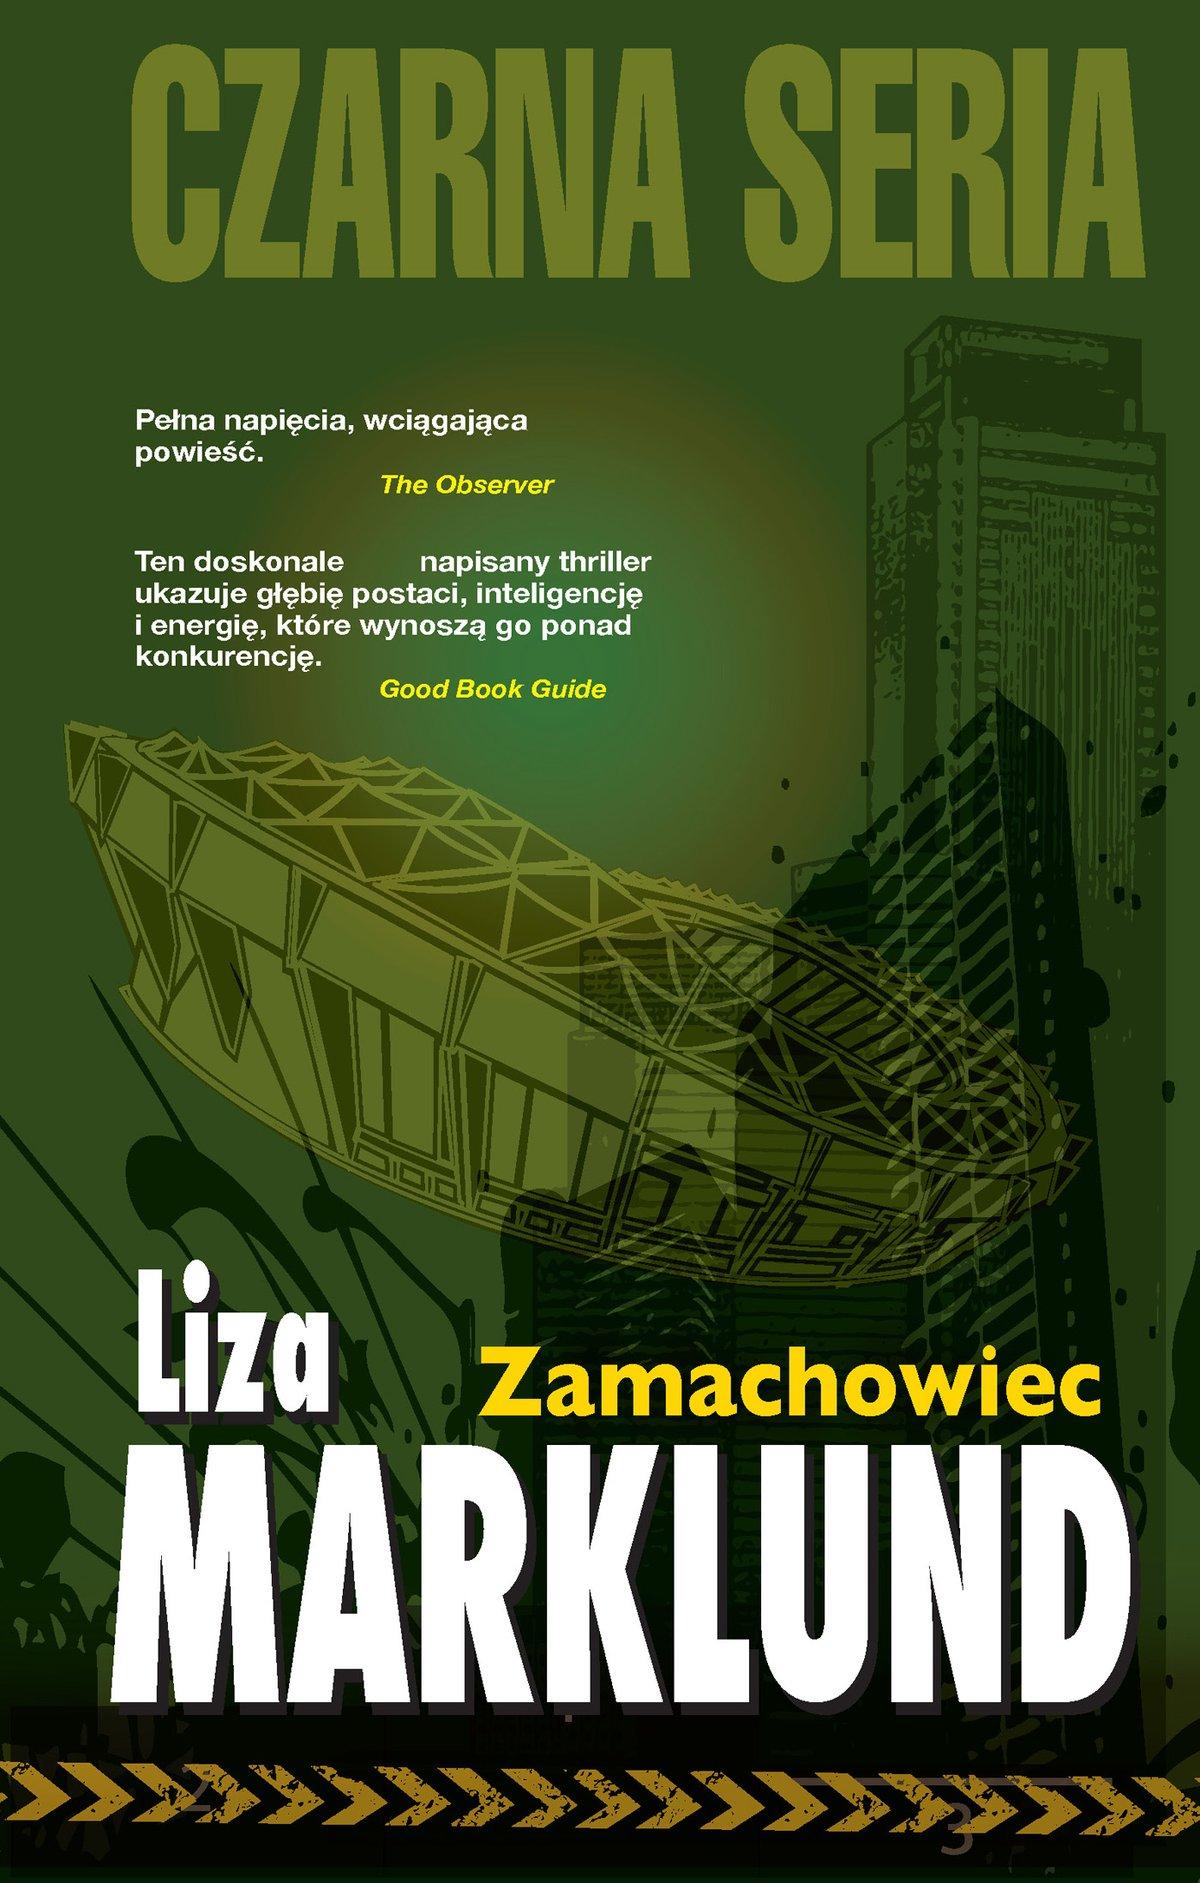 Zamachowiec - Ebook (Książka EPUB) do pobrania w formacie EPUB